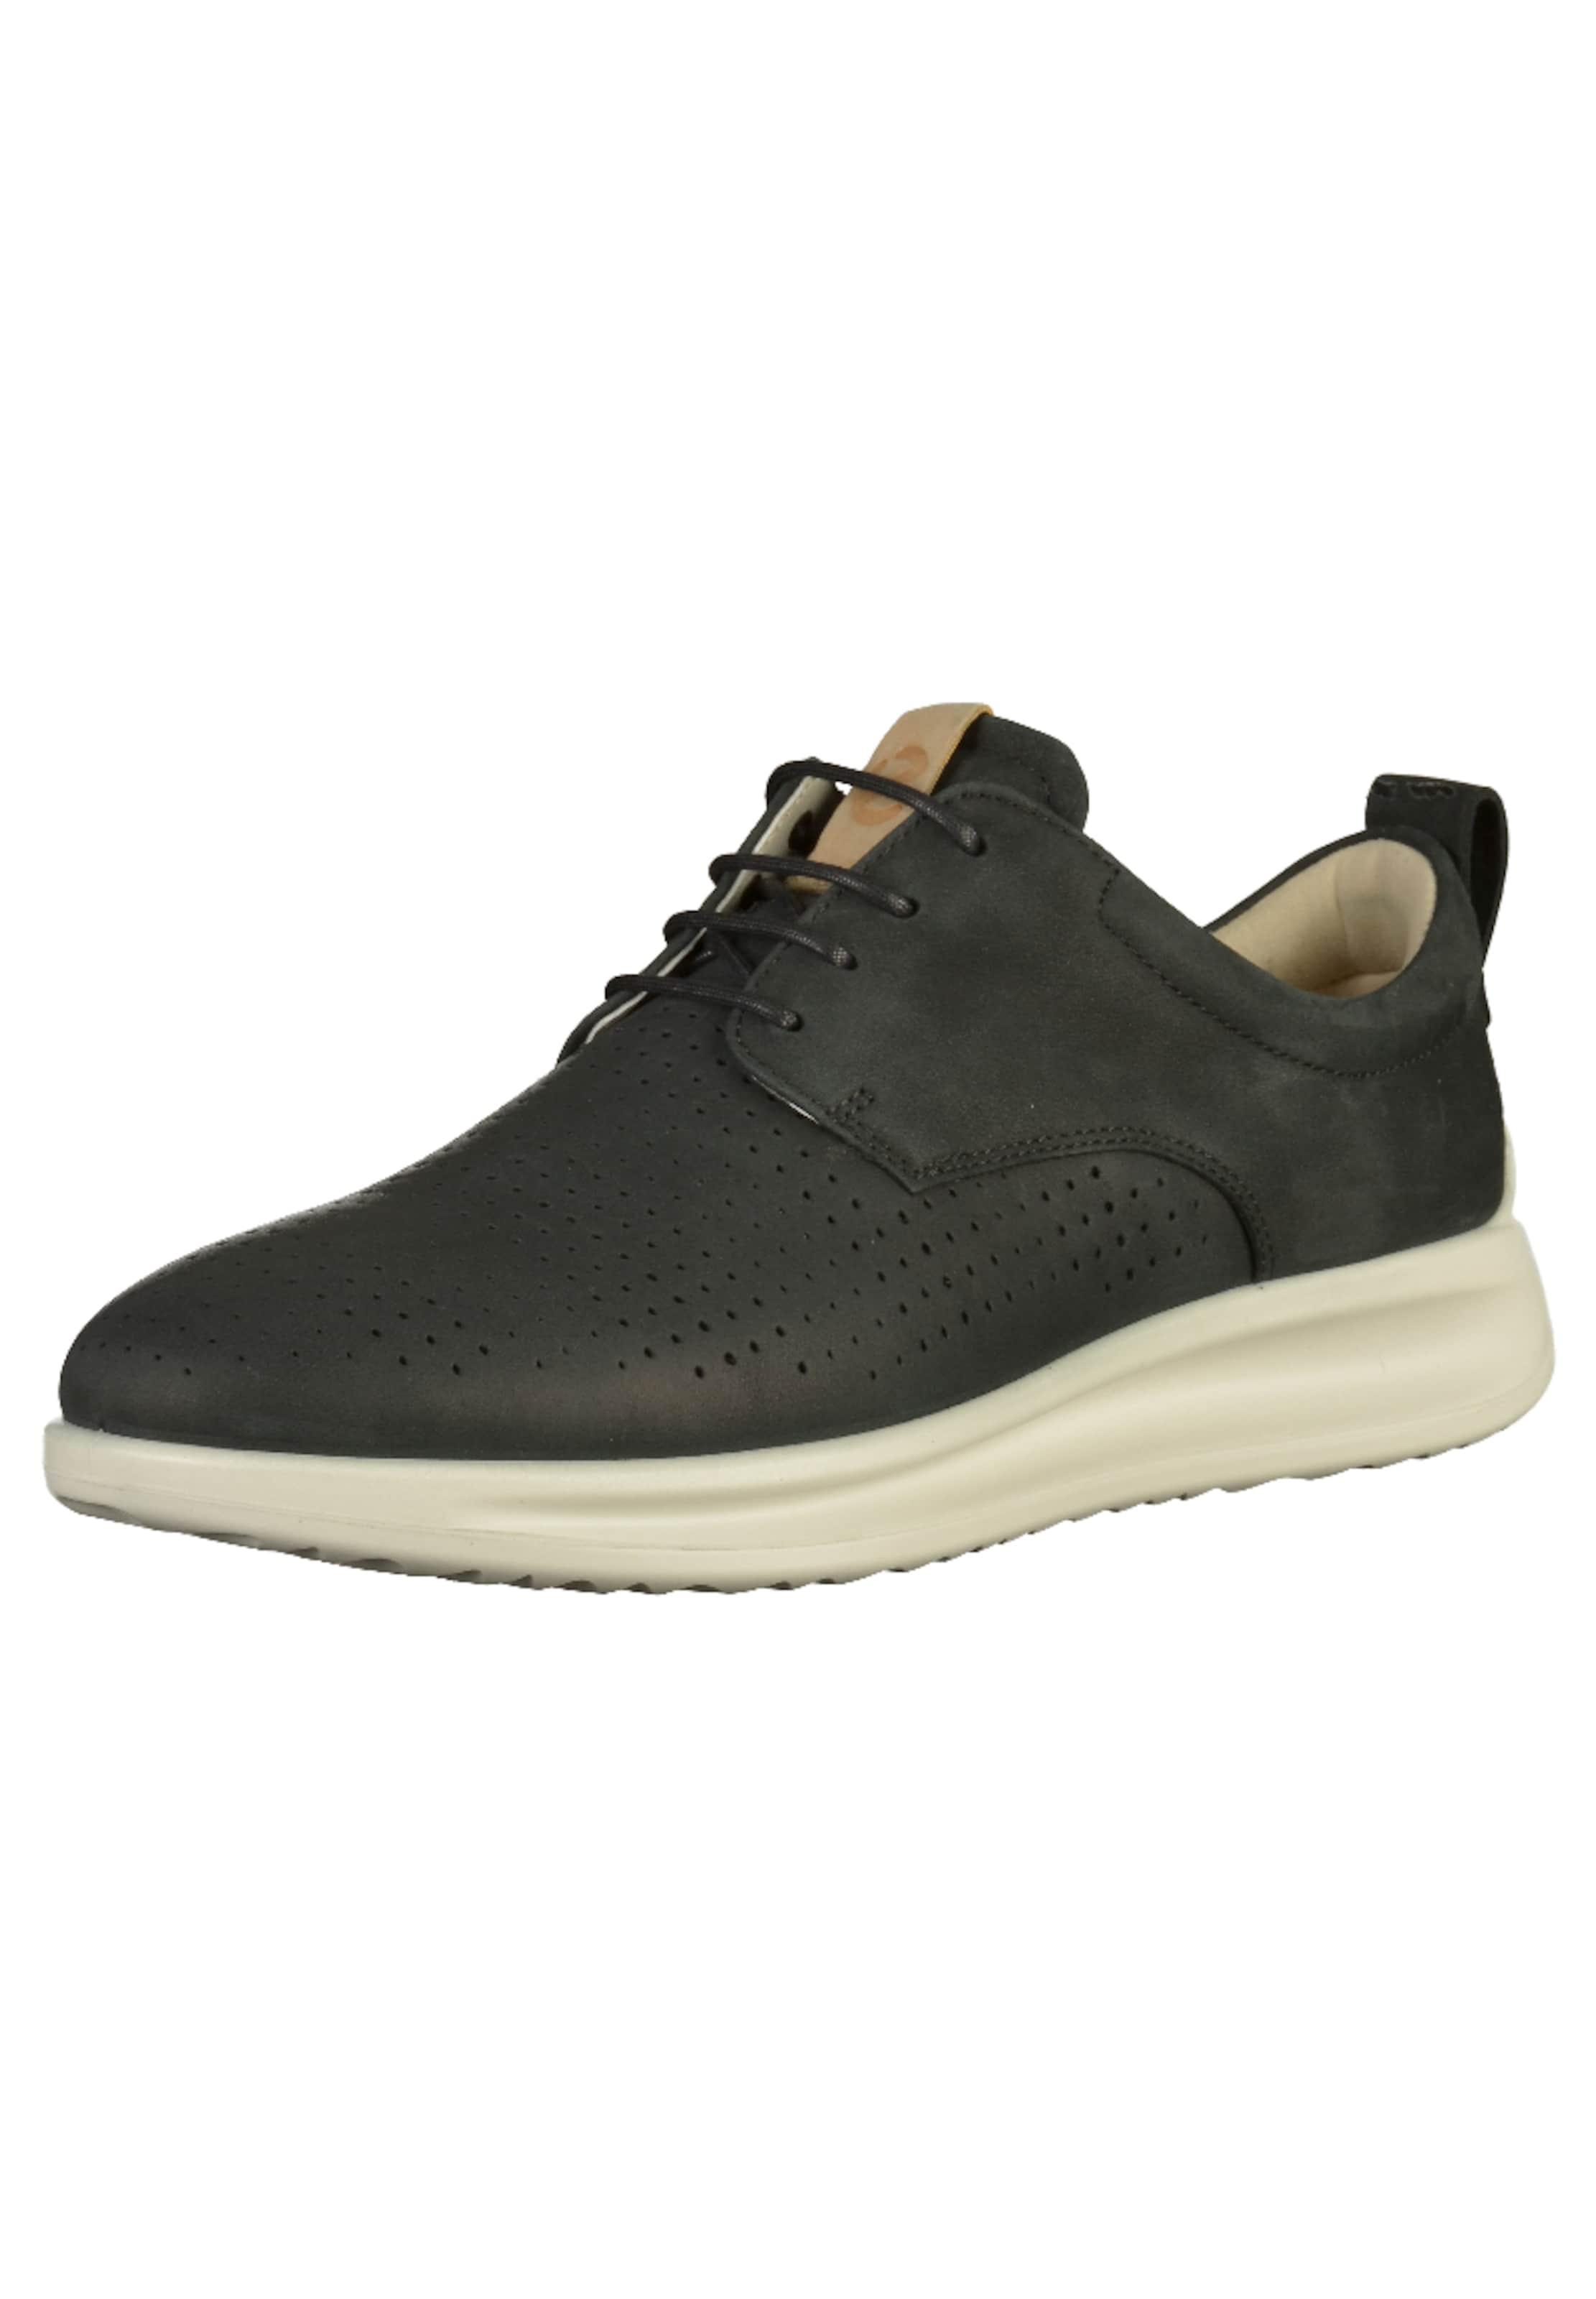 ECCO Halbschuhe Günstige und langlebige Schuhe